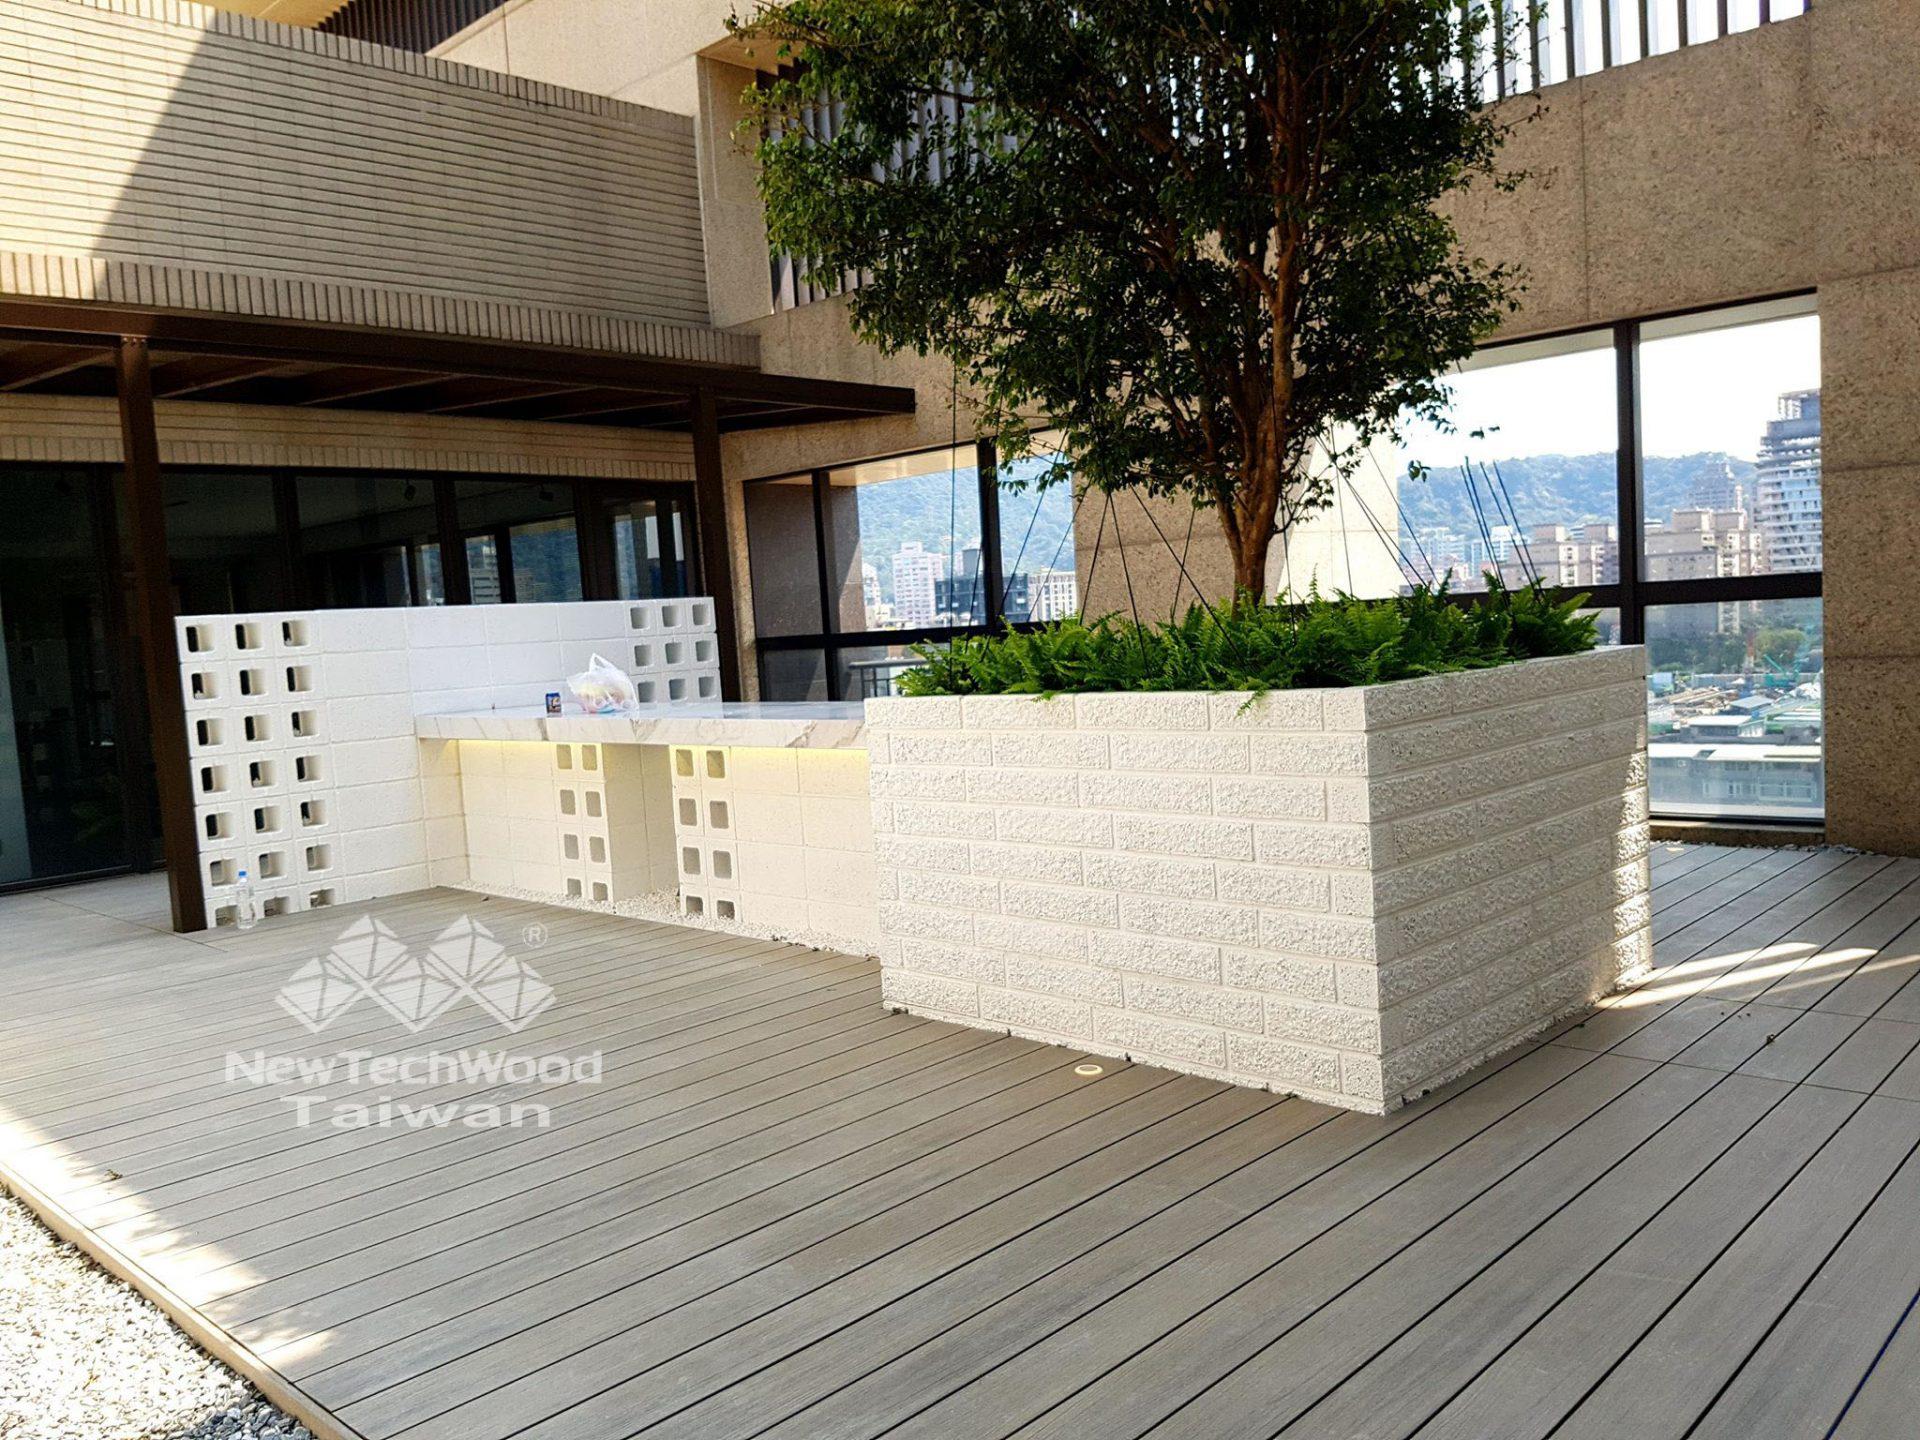 綠建材-塑木-活動平台-景觀設計-古木色-禾舍